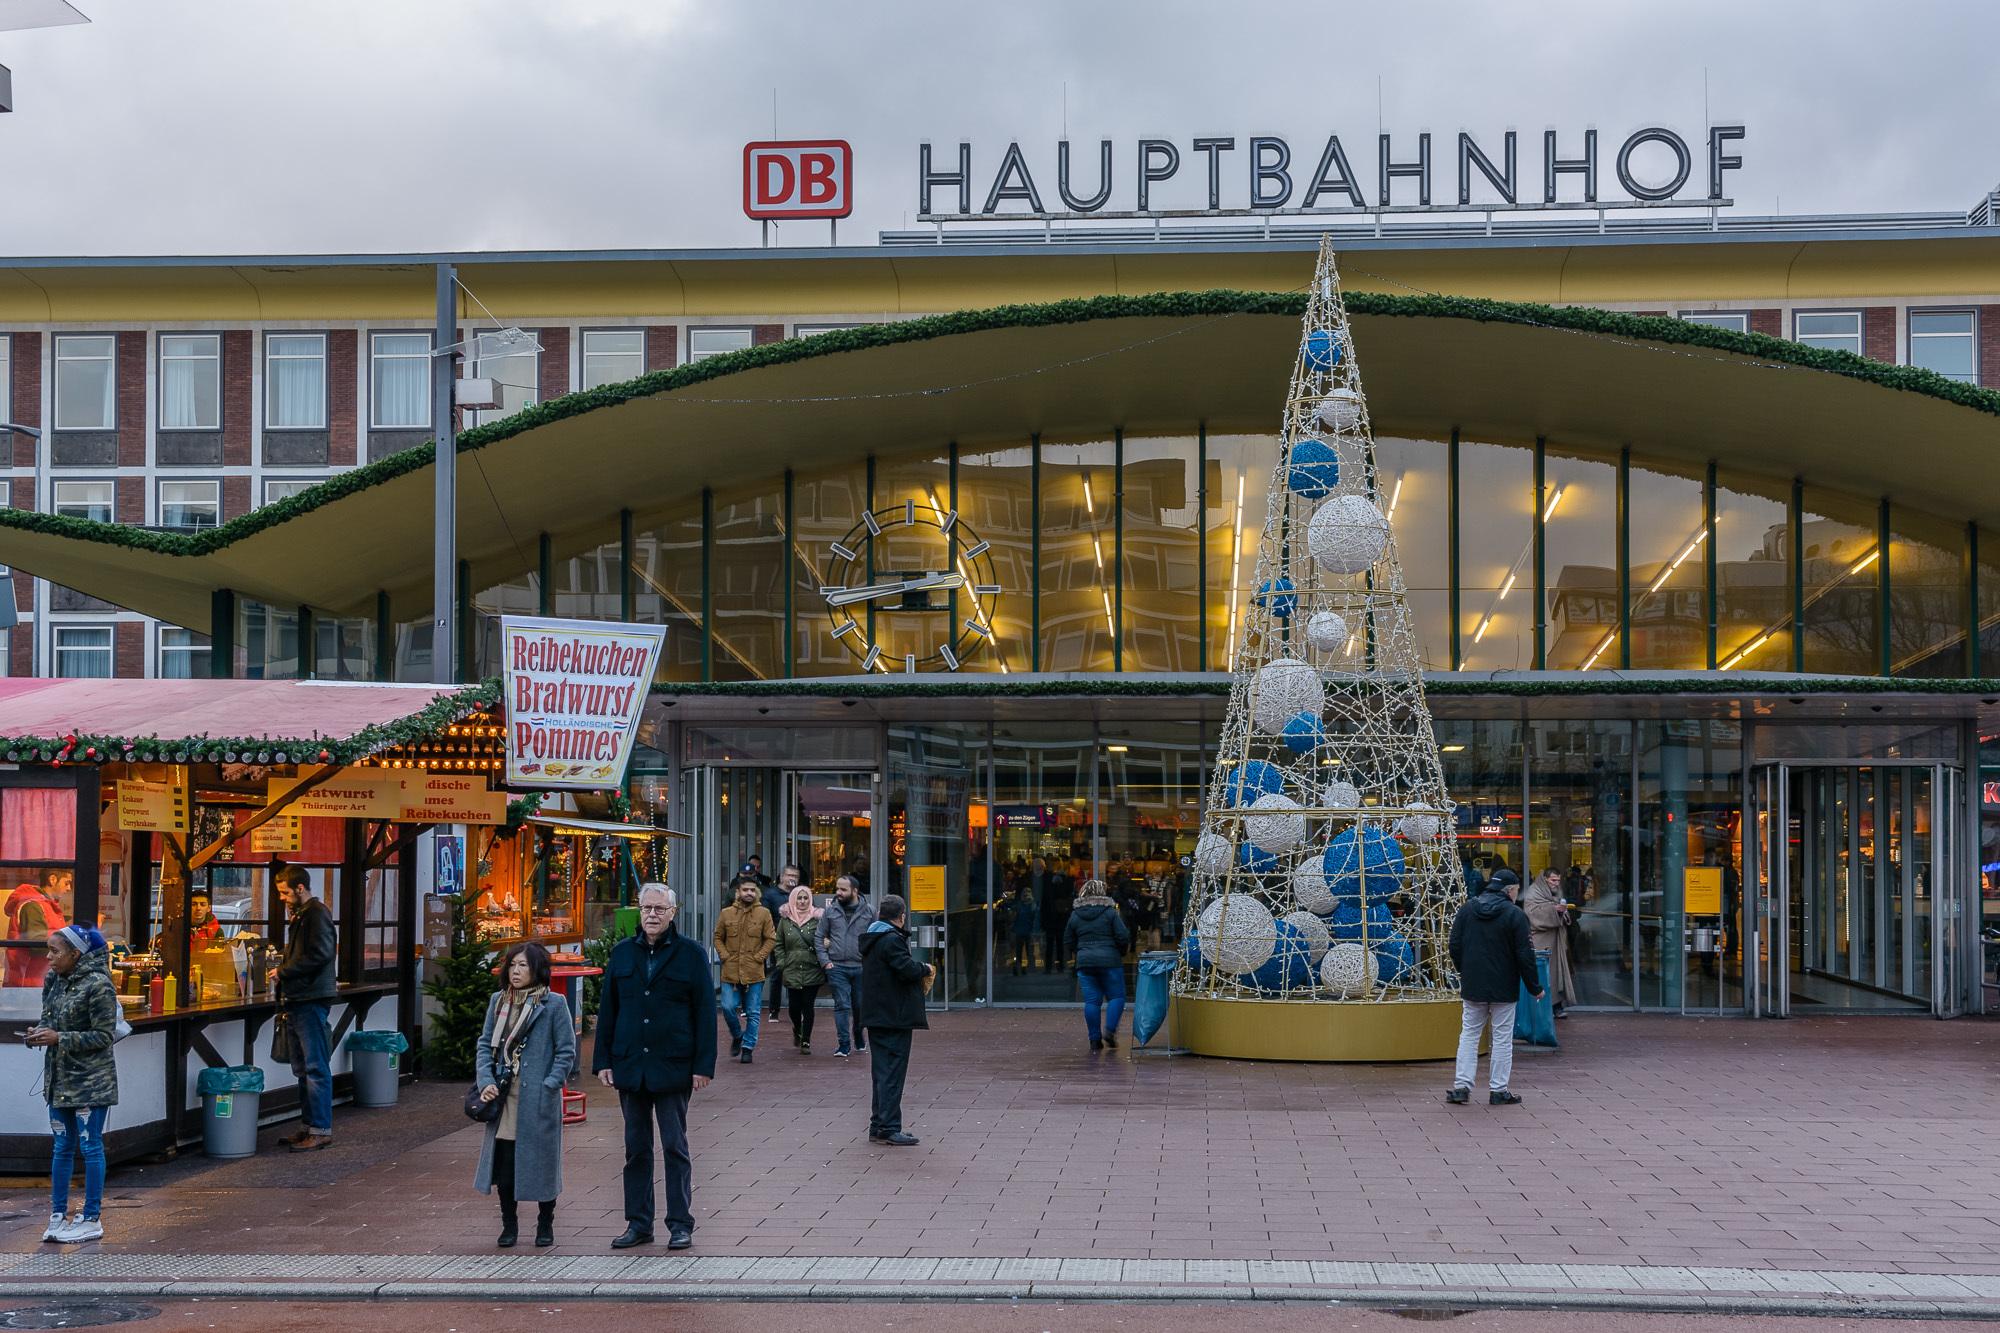 Schön war's: Bürgerreporter treffen sich in Bochum - Bochum